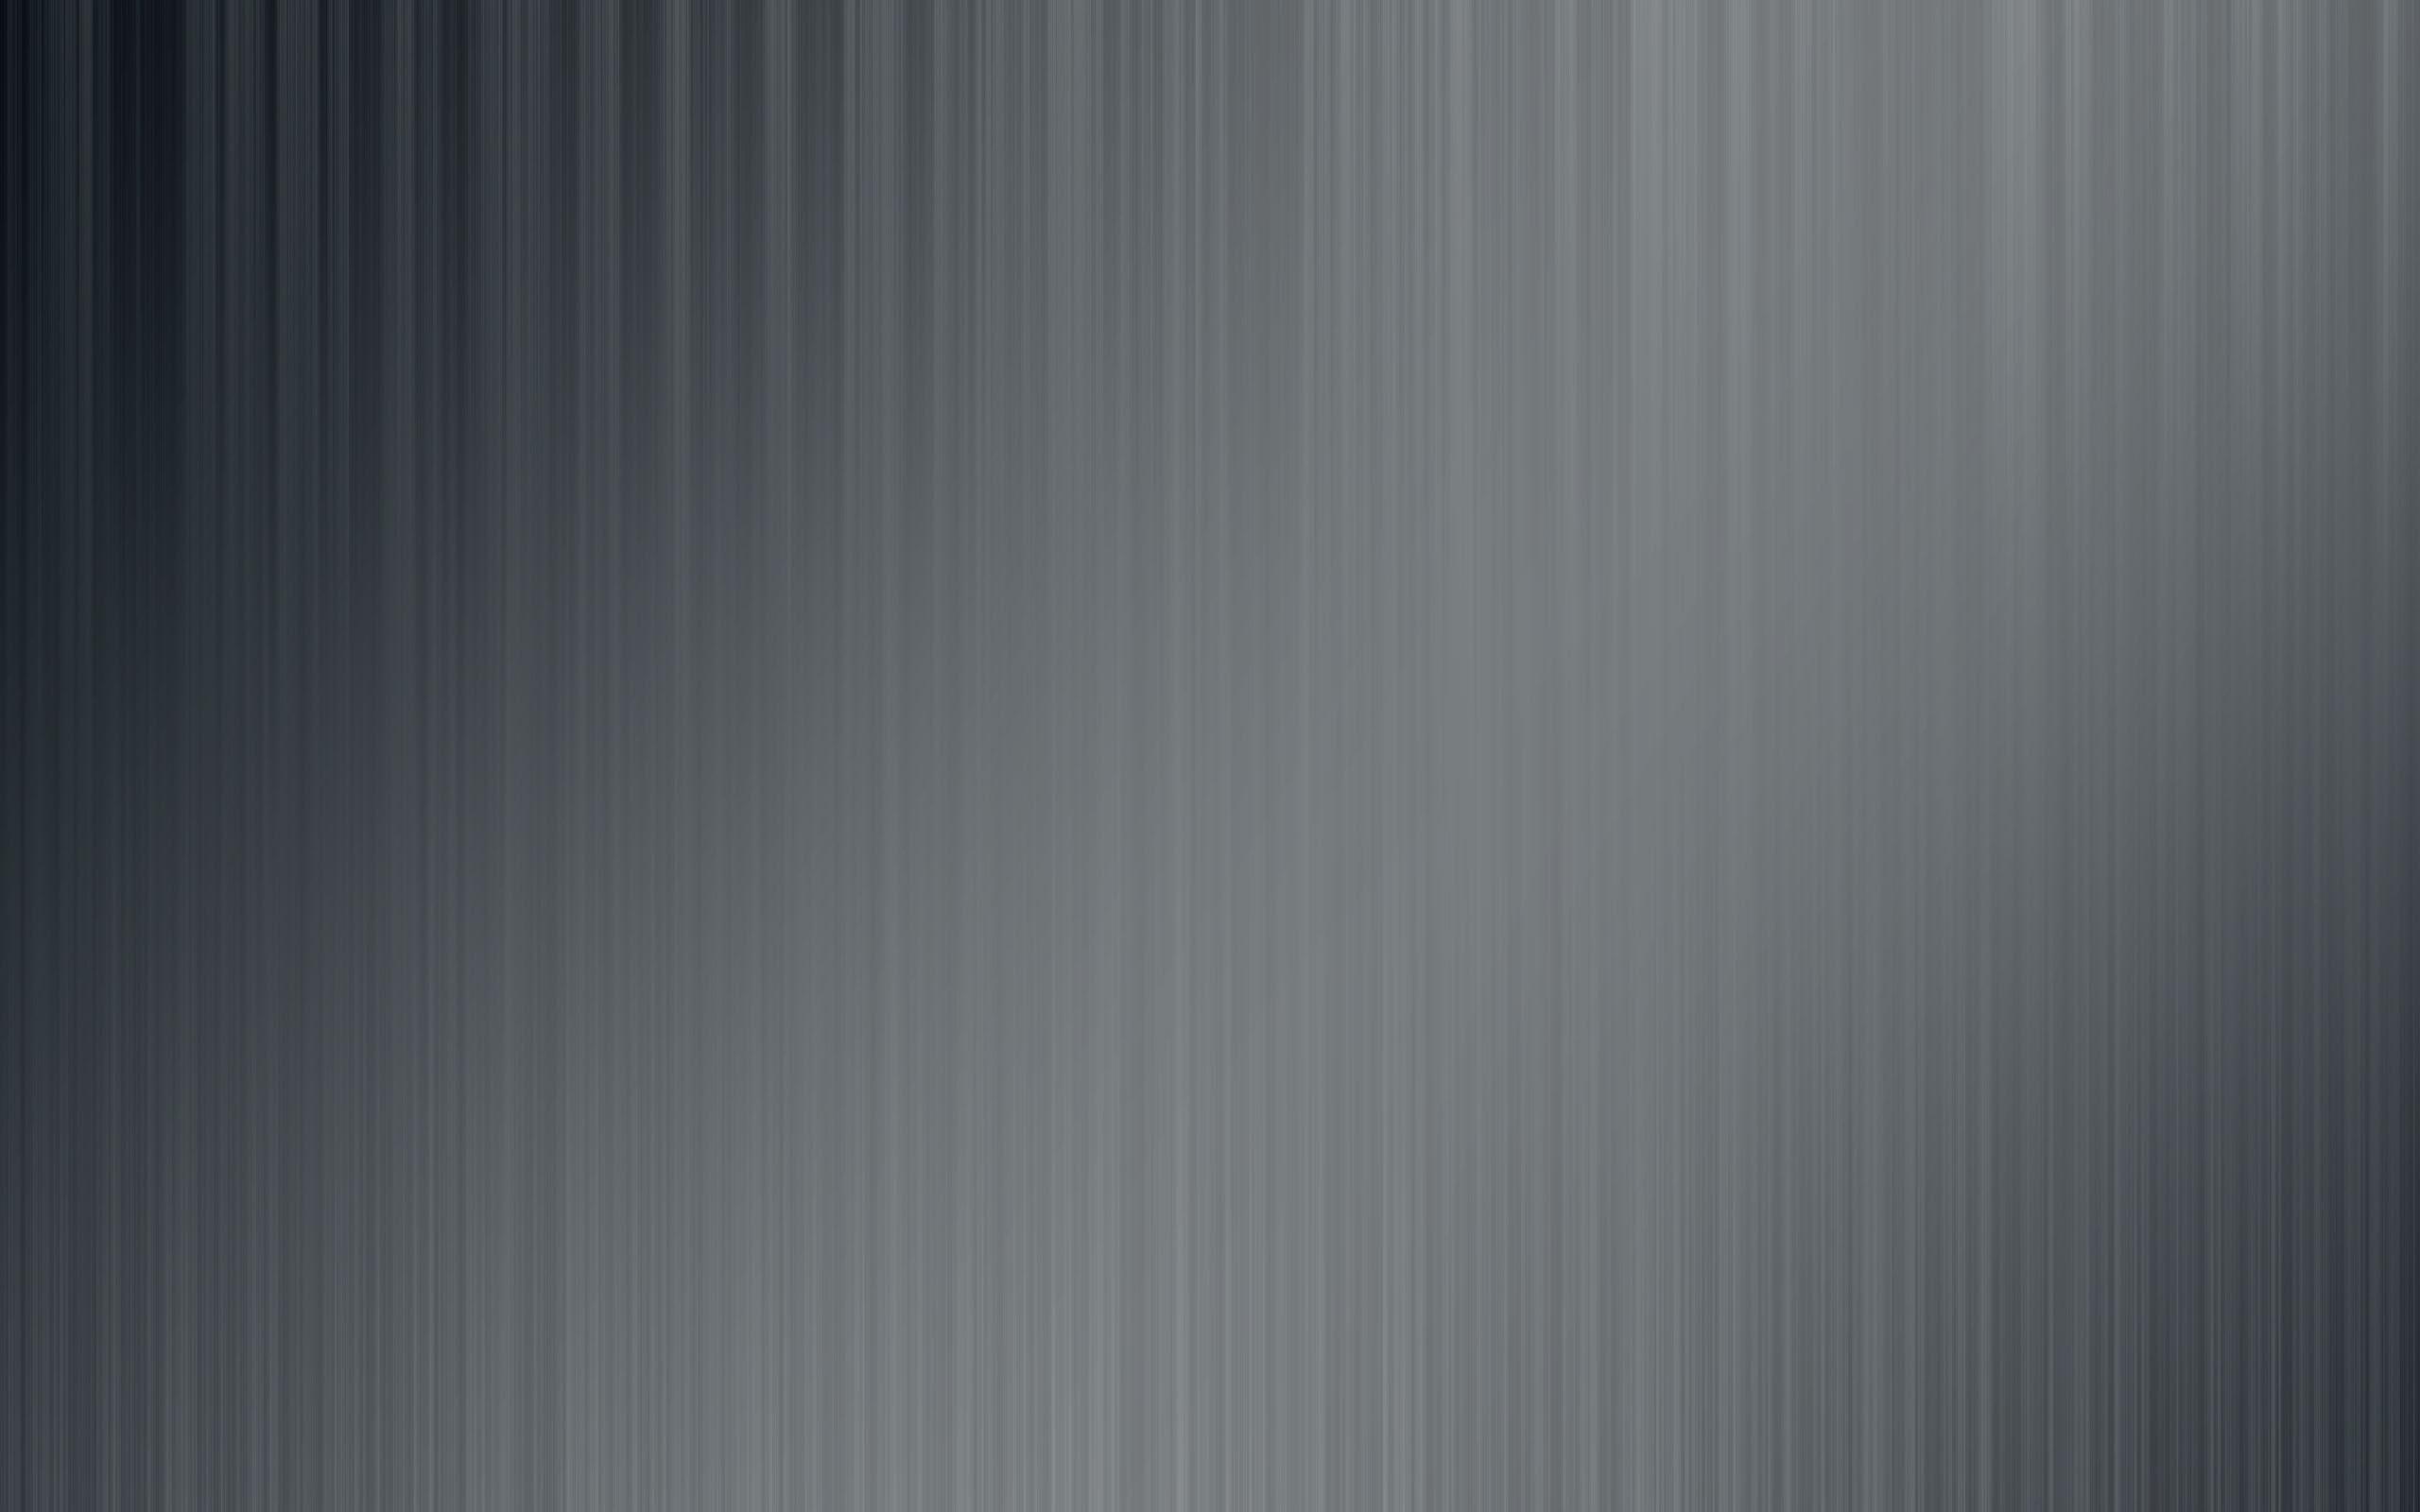 desktop wallpapers great grey - photo #17